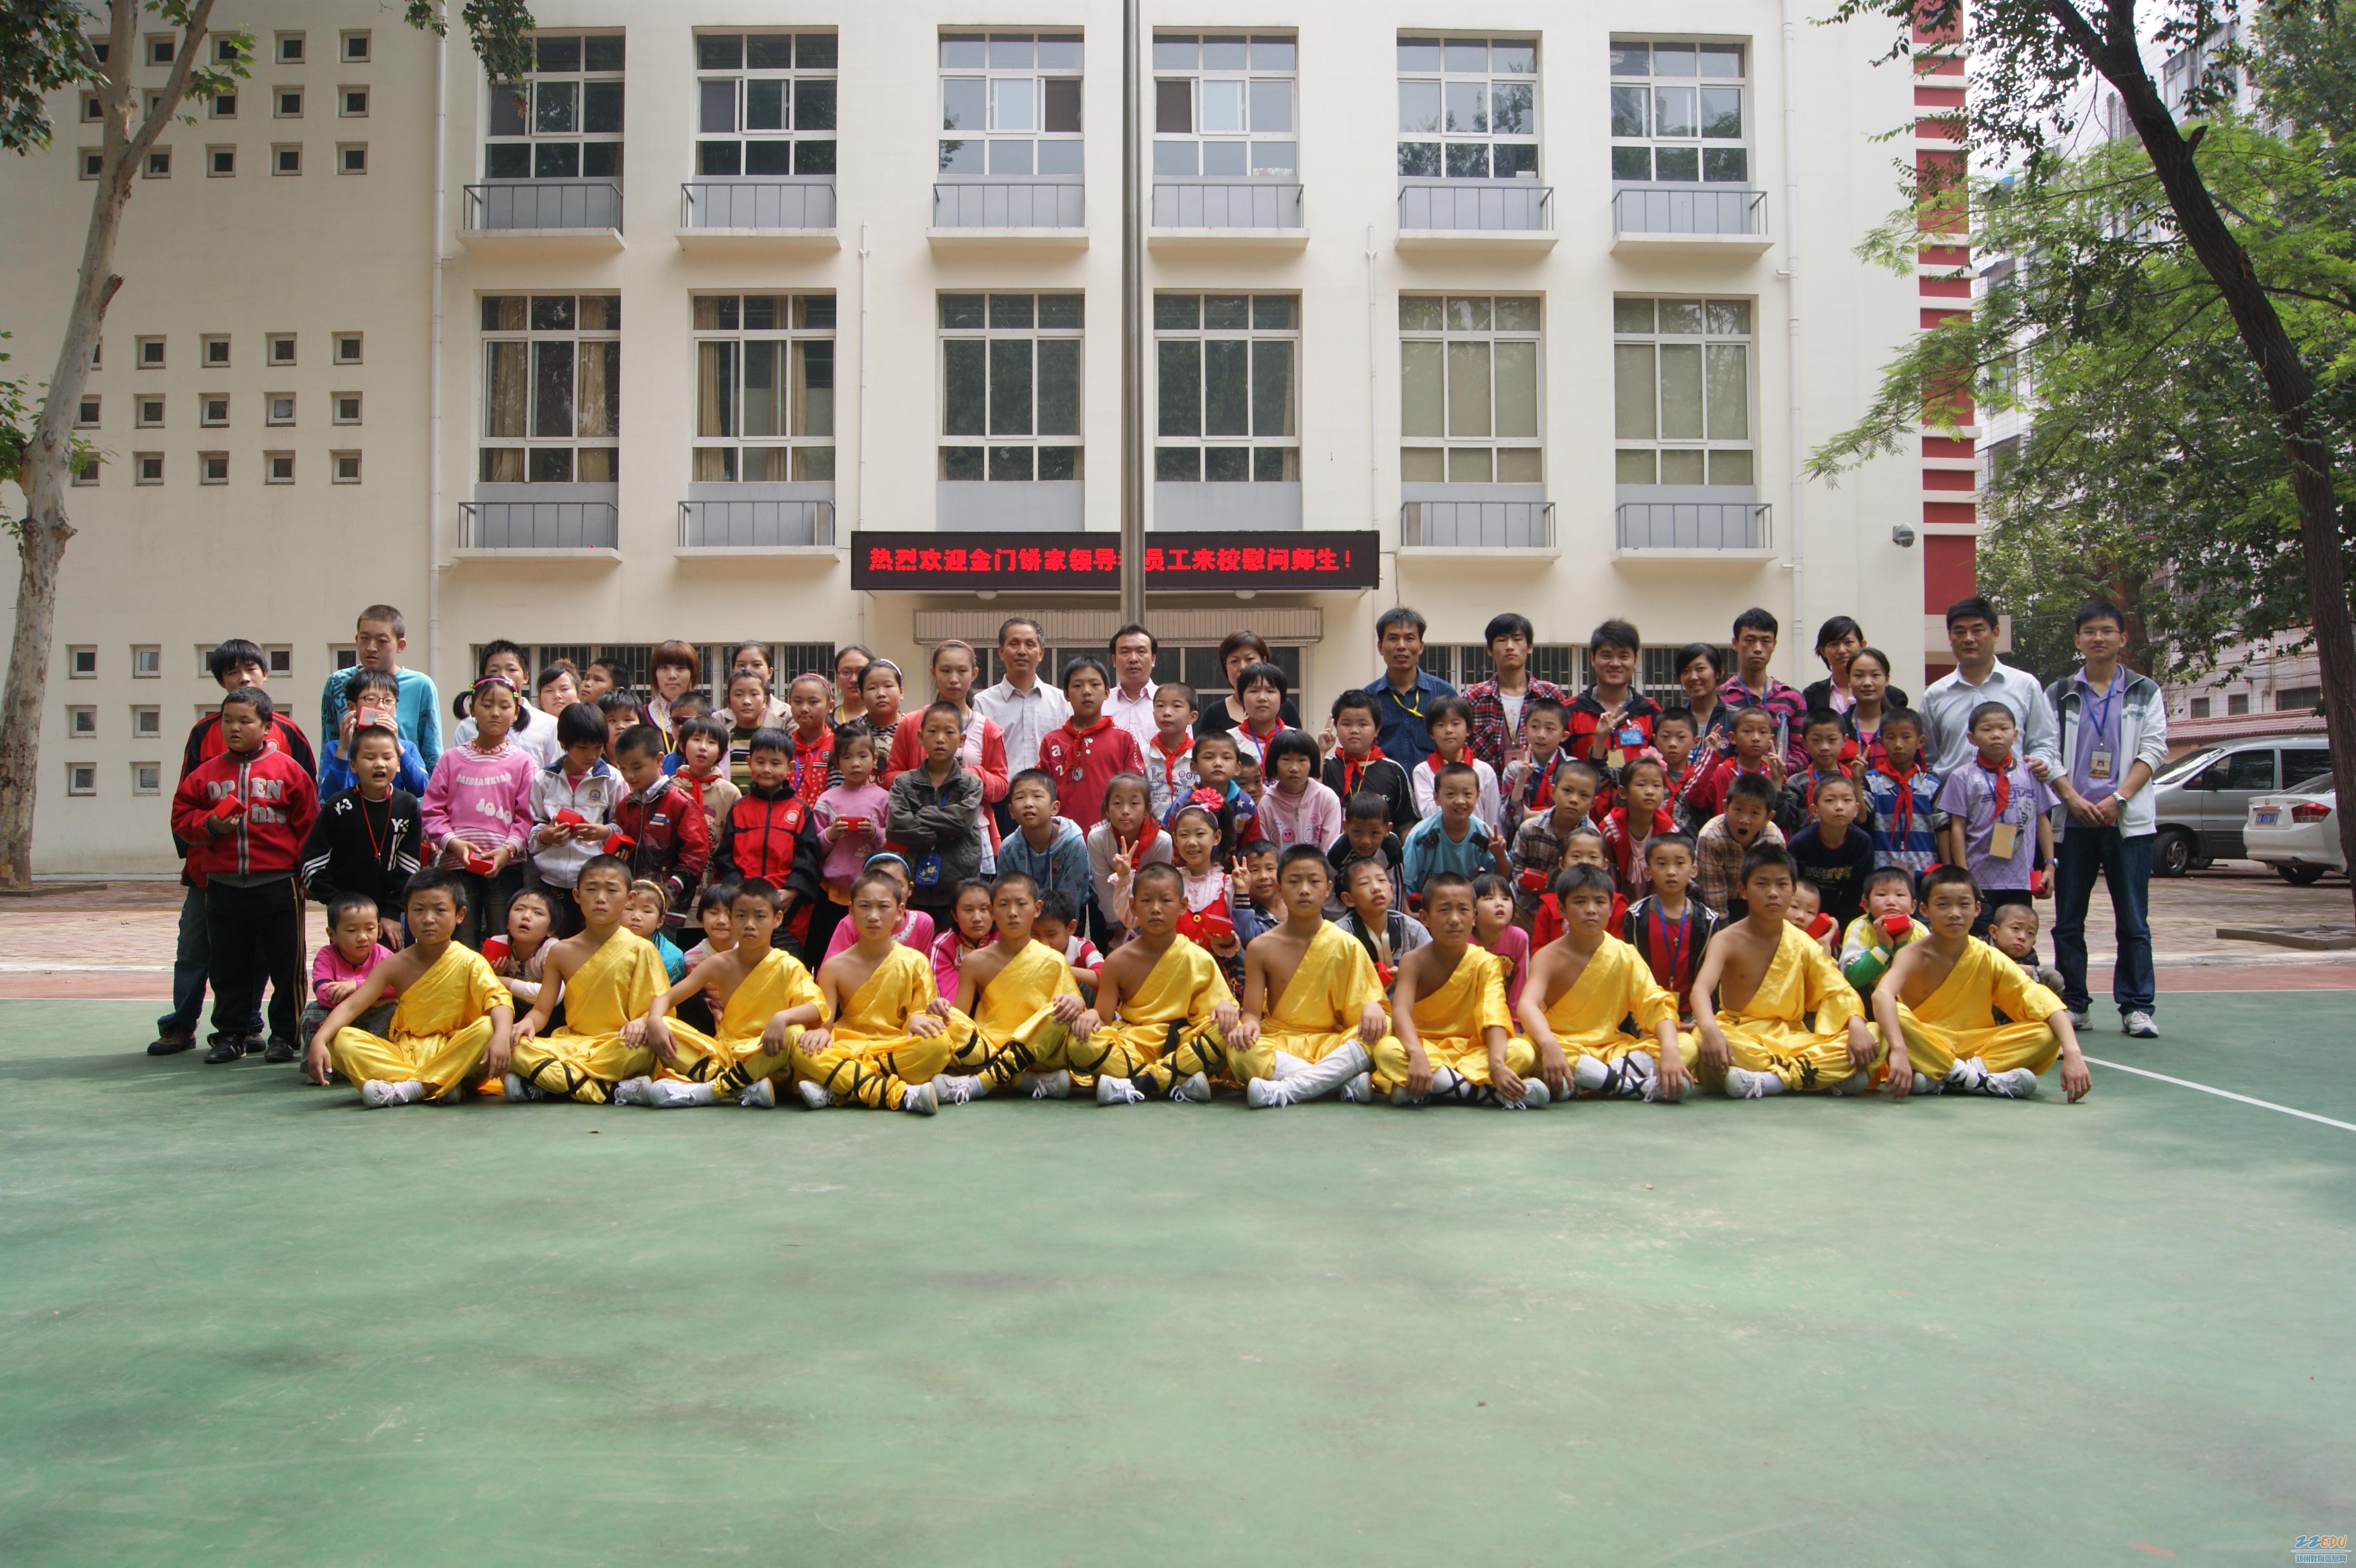 郑州市盲聋哑学校的部分师生与社会爱心人士亲切合影